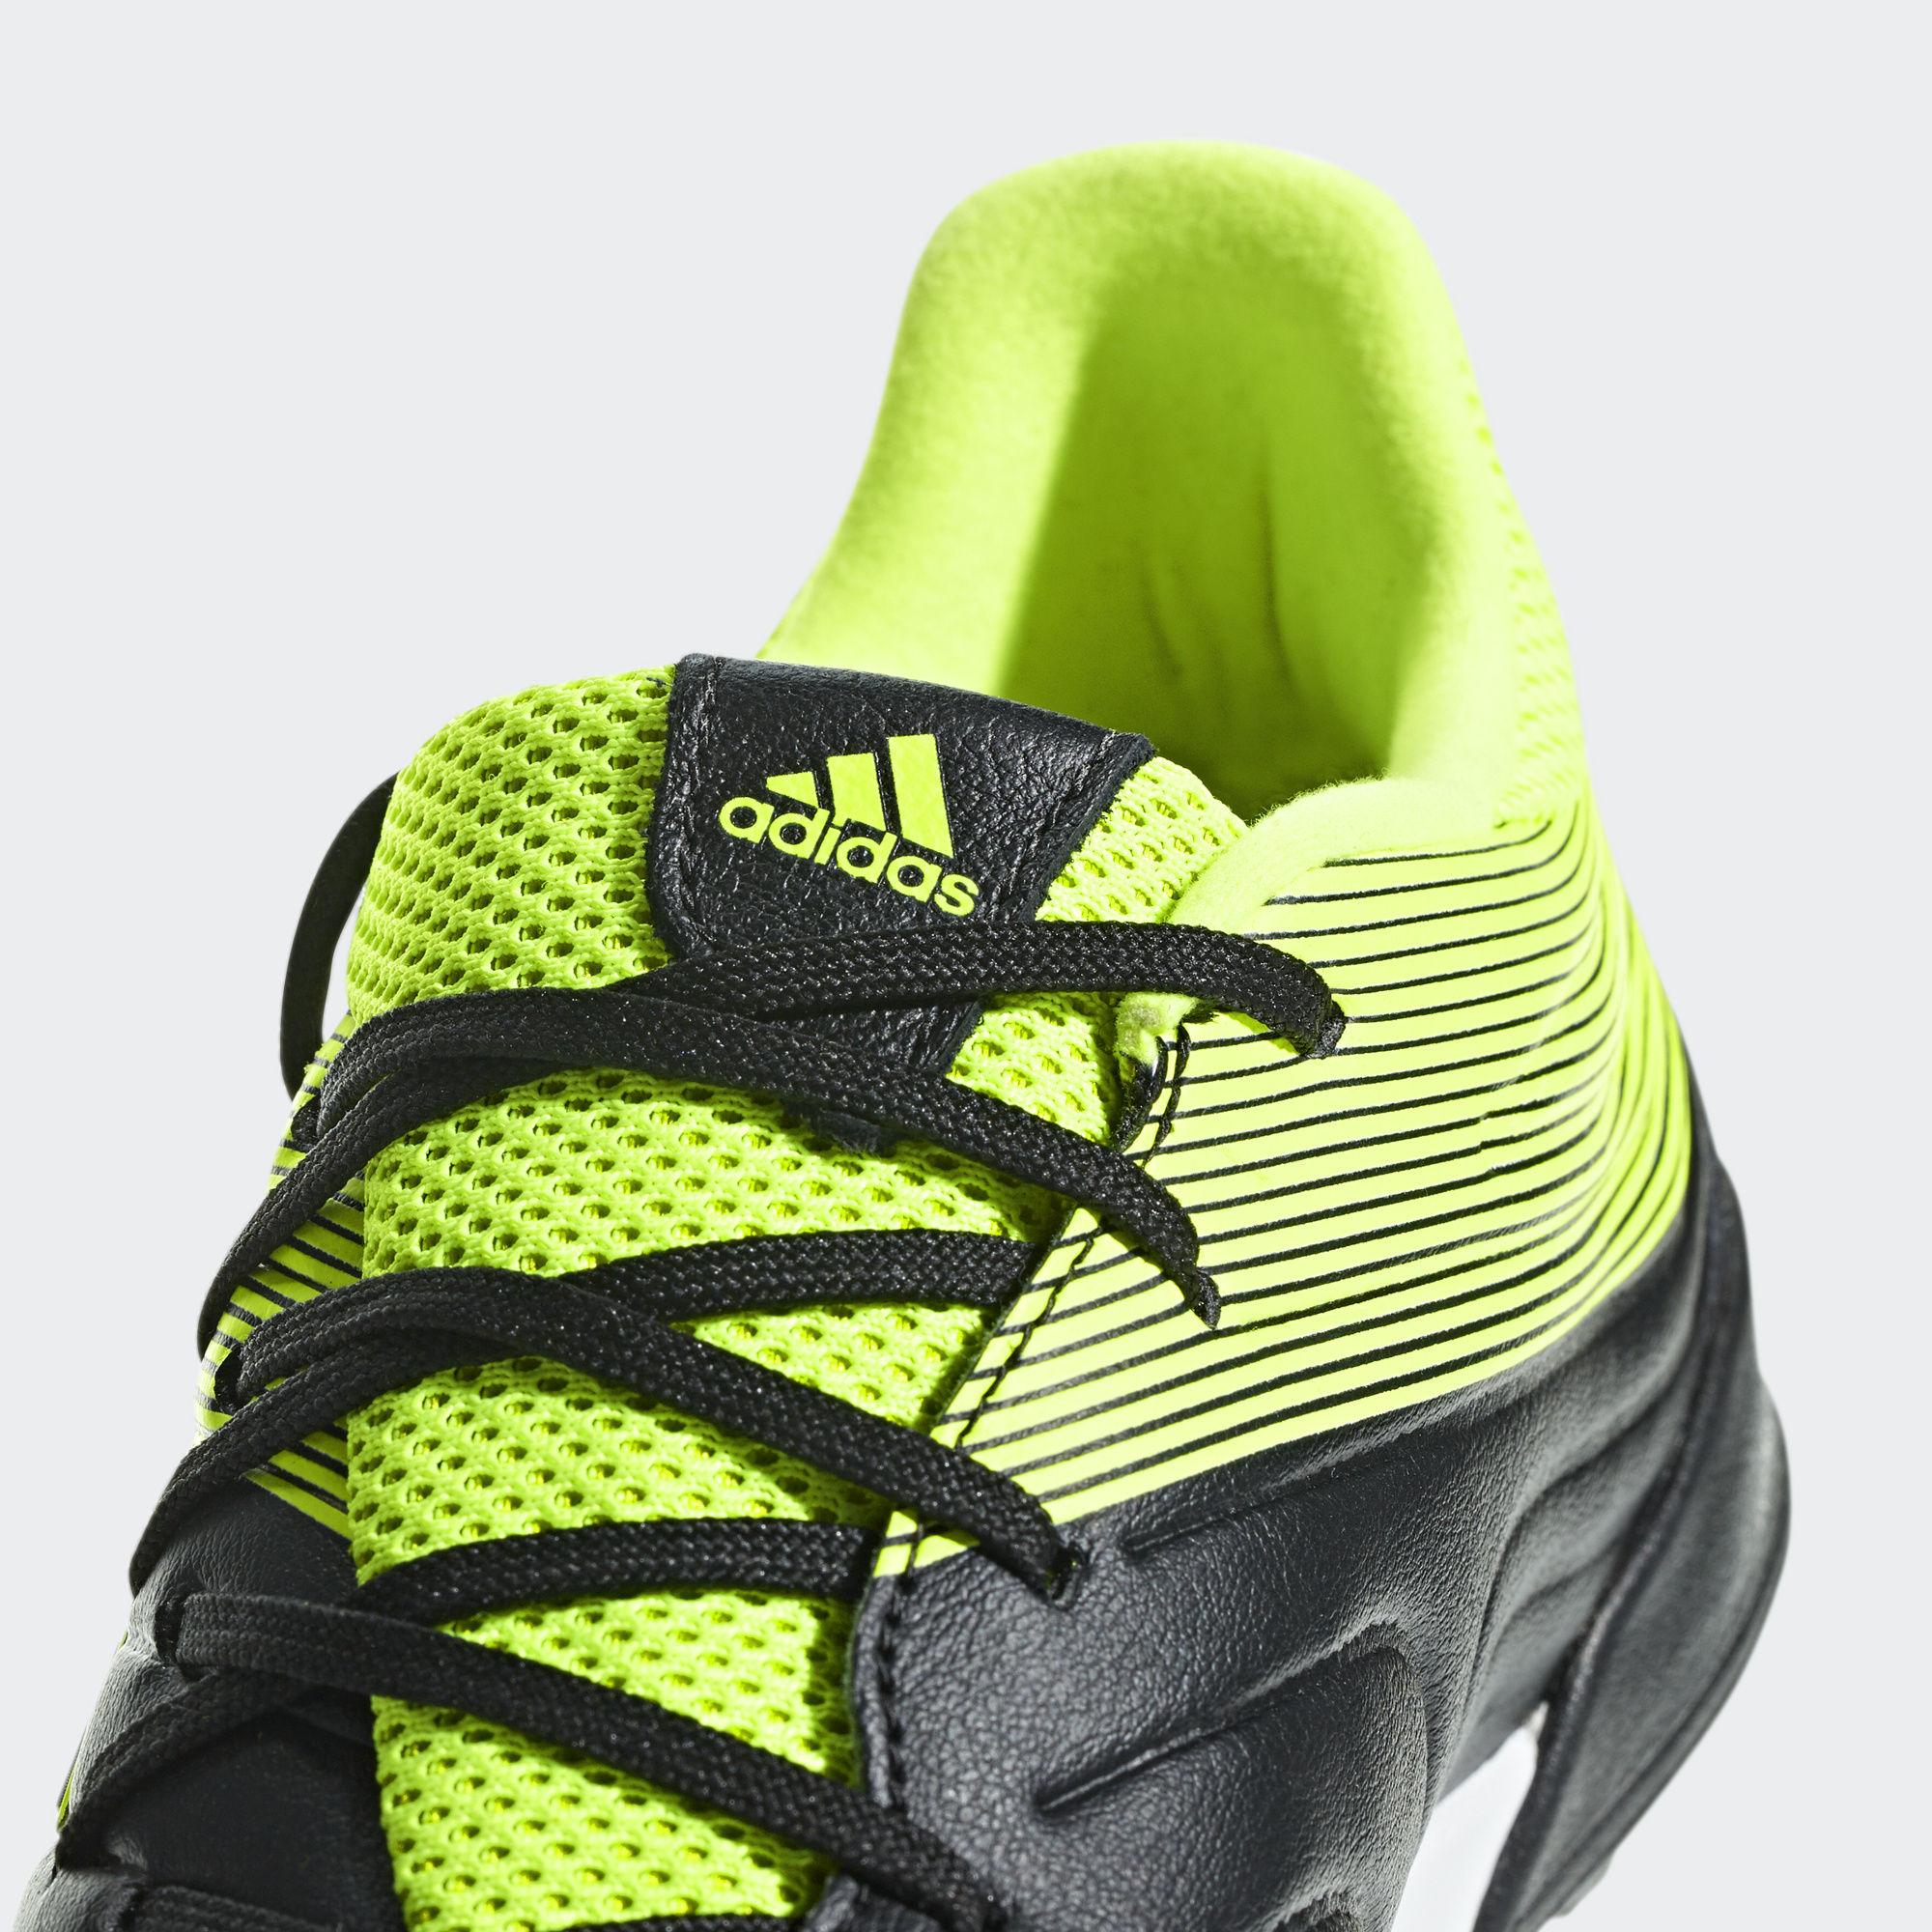 Футбольные бутсы Copa 19.3 TF BB8094 adidas Performance - Украина ... c5821461f9a88